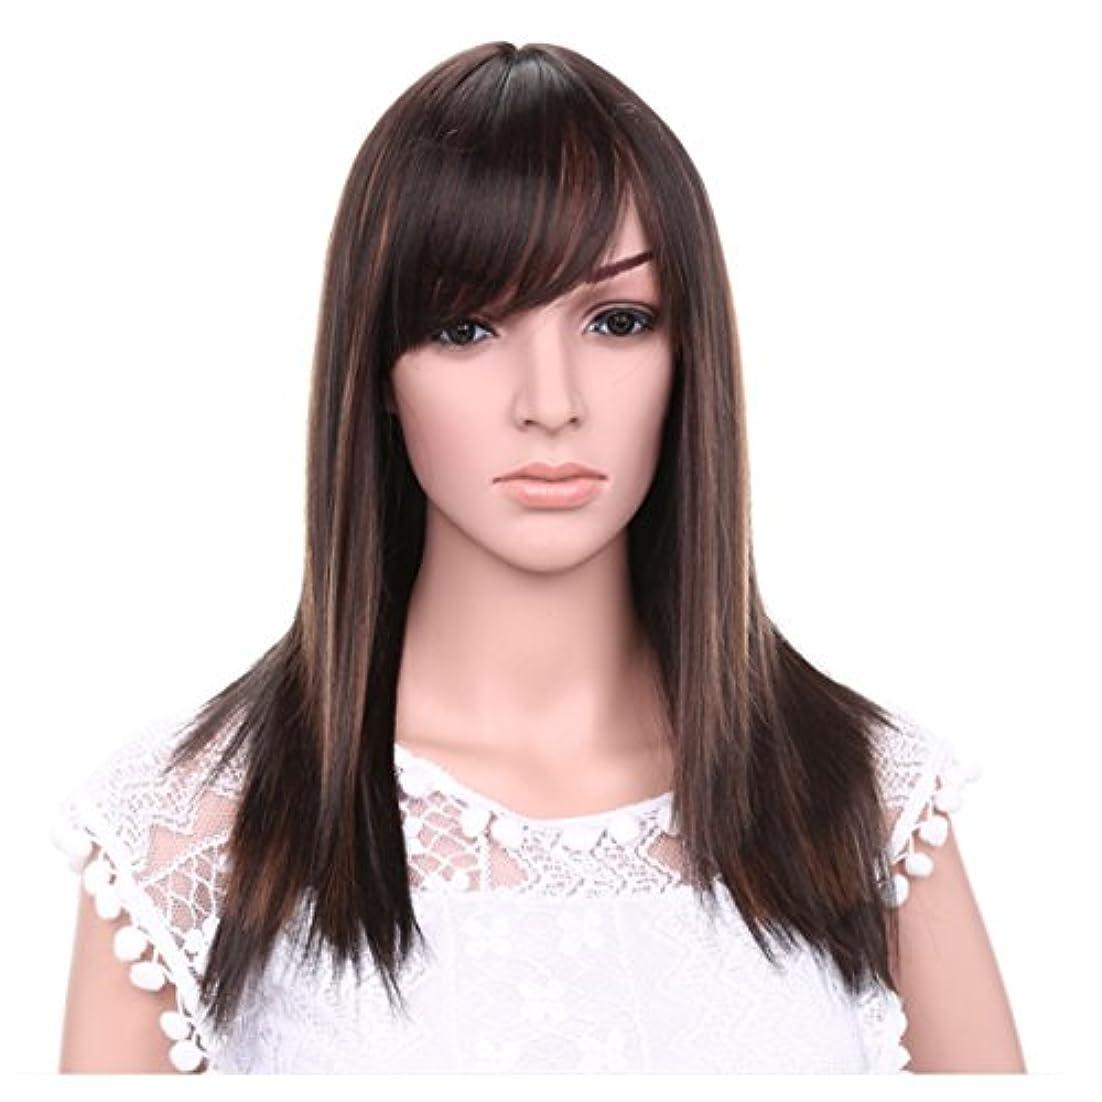 あなたのもの所属ヘッドレスJIANFU 女性のための21inchロングストレートウィッグ髪の自然な色茶色の黒のかつらの斜め強打女性のための髪の耐熱性 (Color : Brownish black highlight)